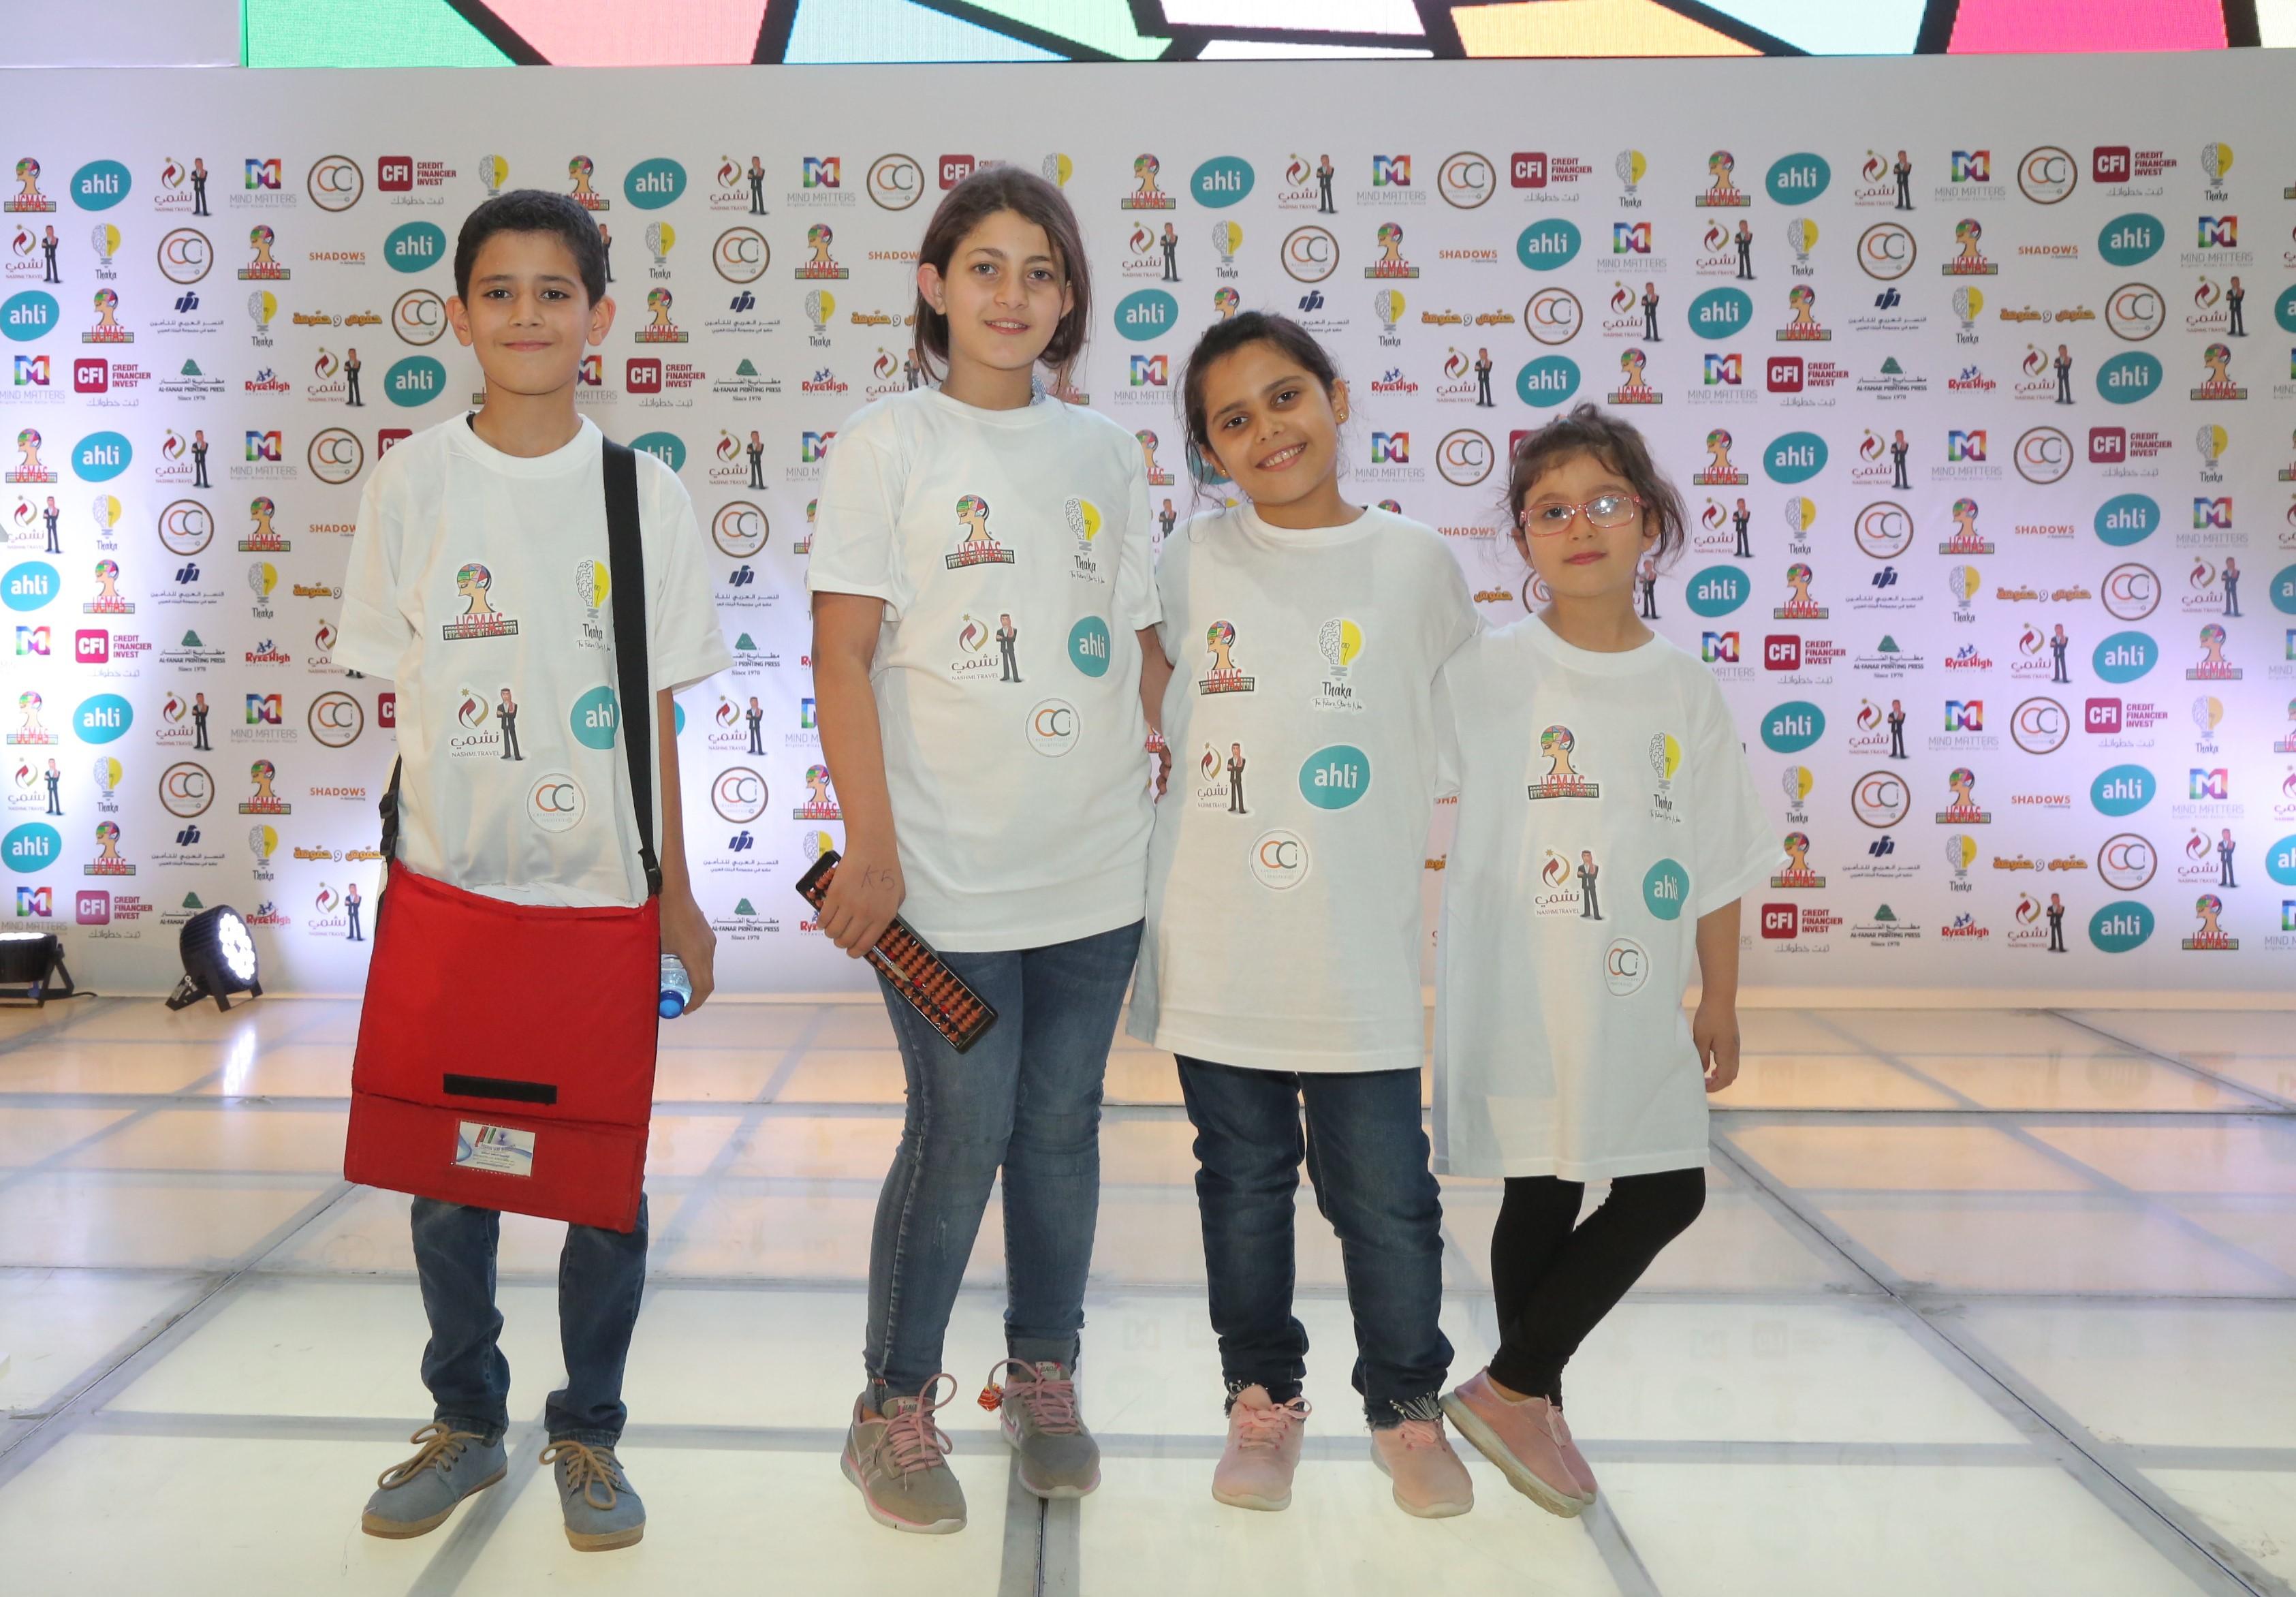 البنك الأهلي الأردني الراعي البلاتيني لمسابقة يو سي ماس المسابقة الوطنية